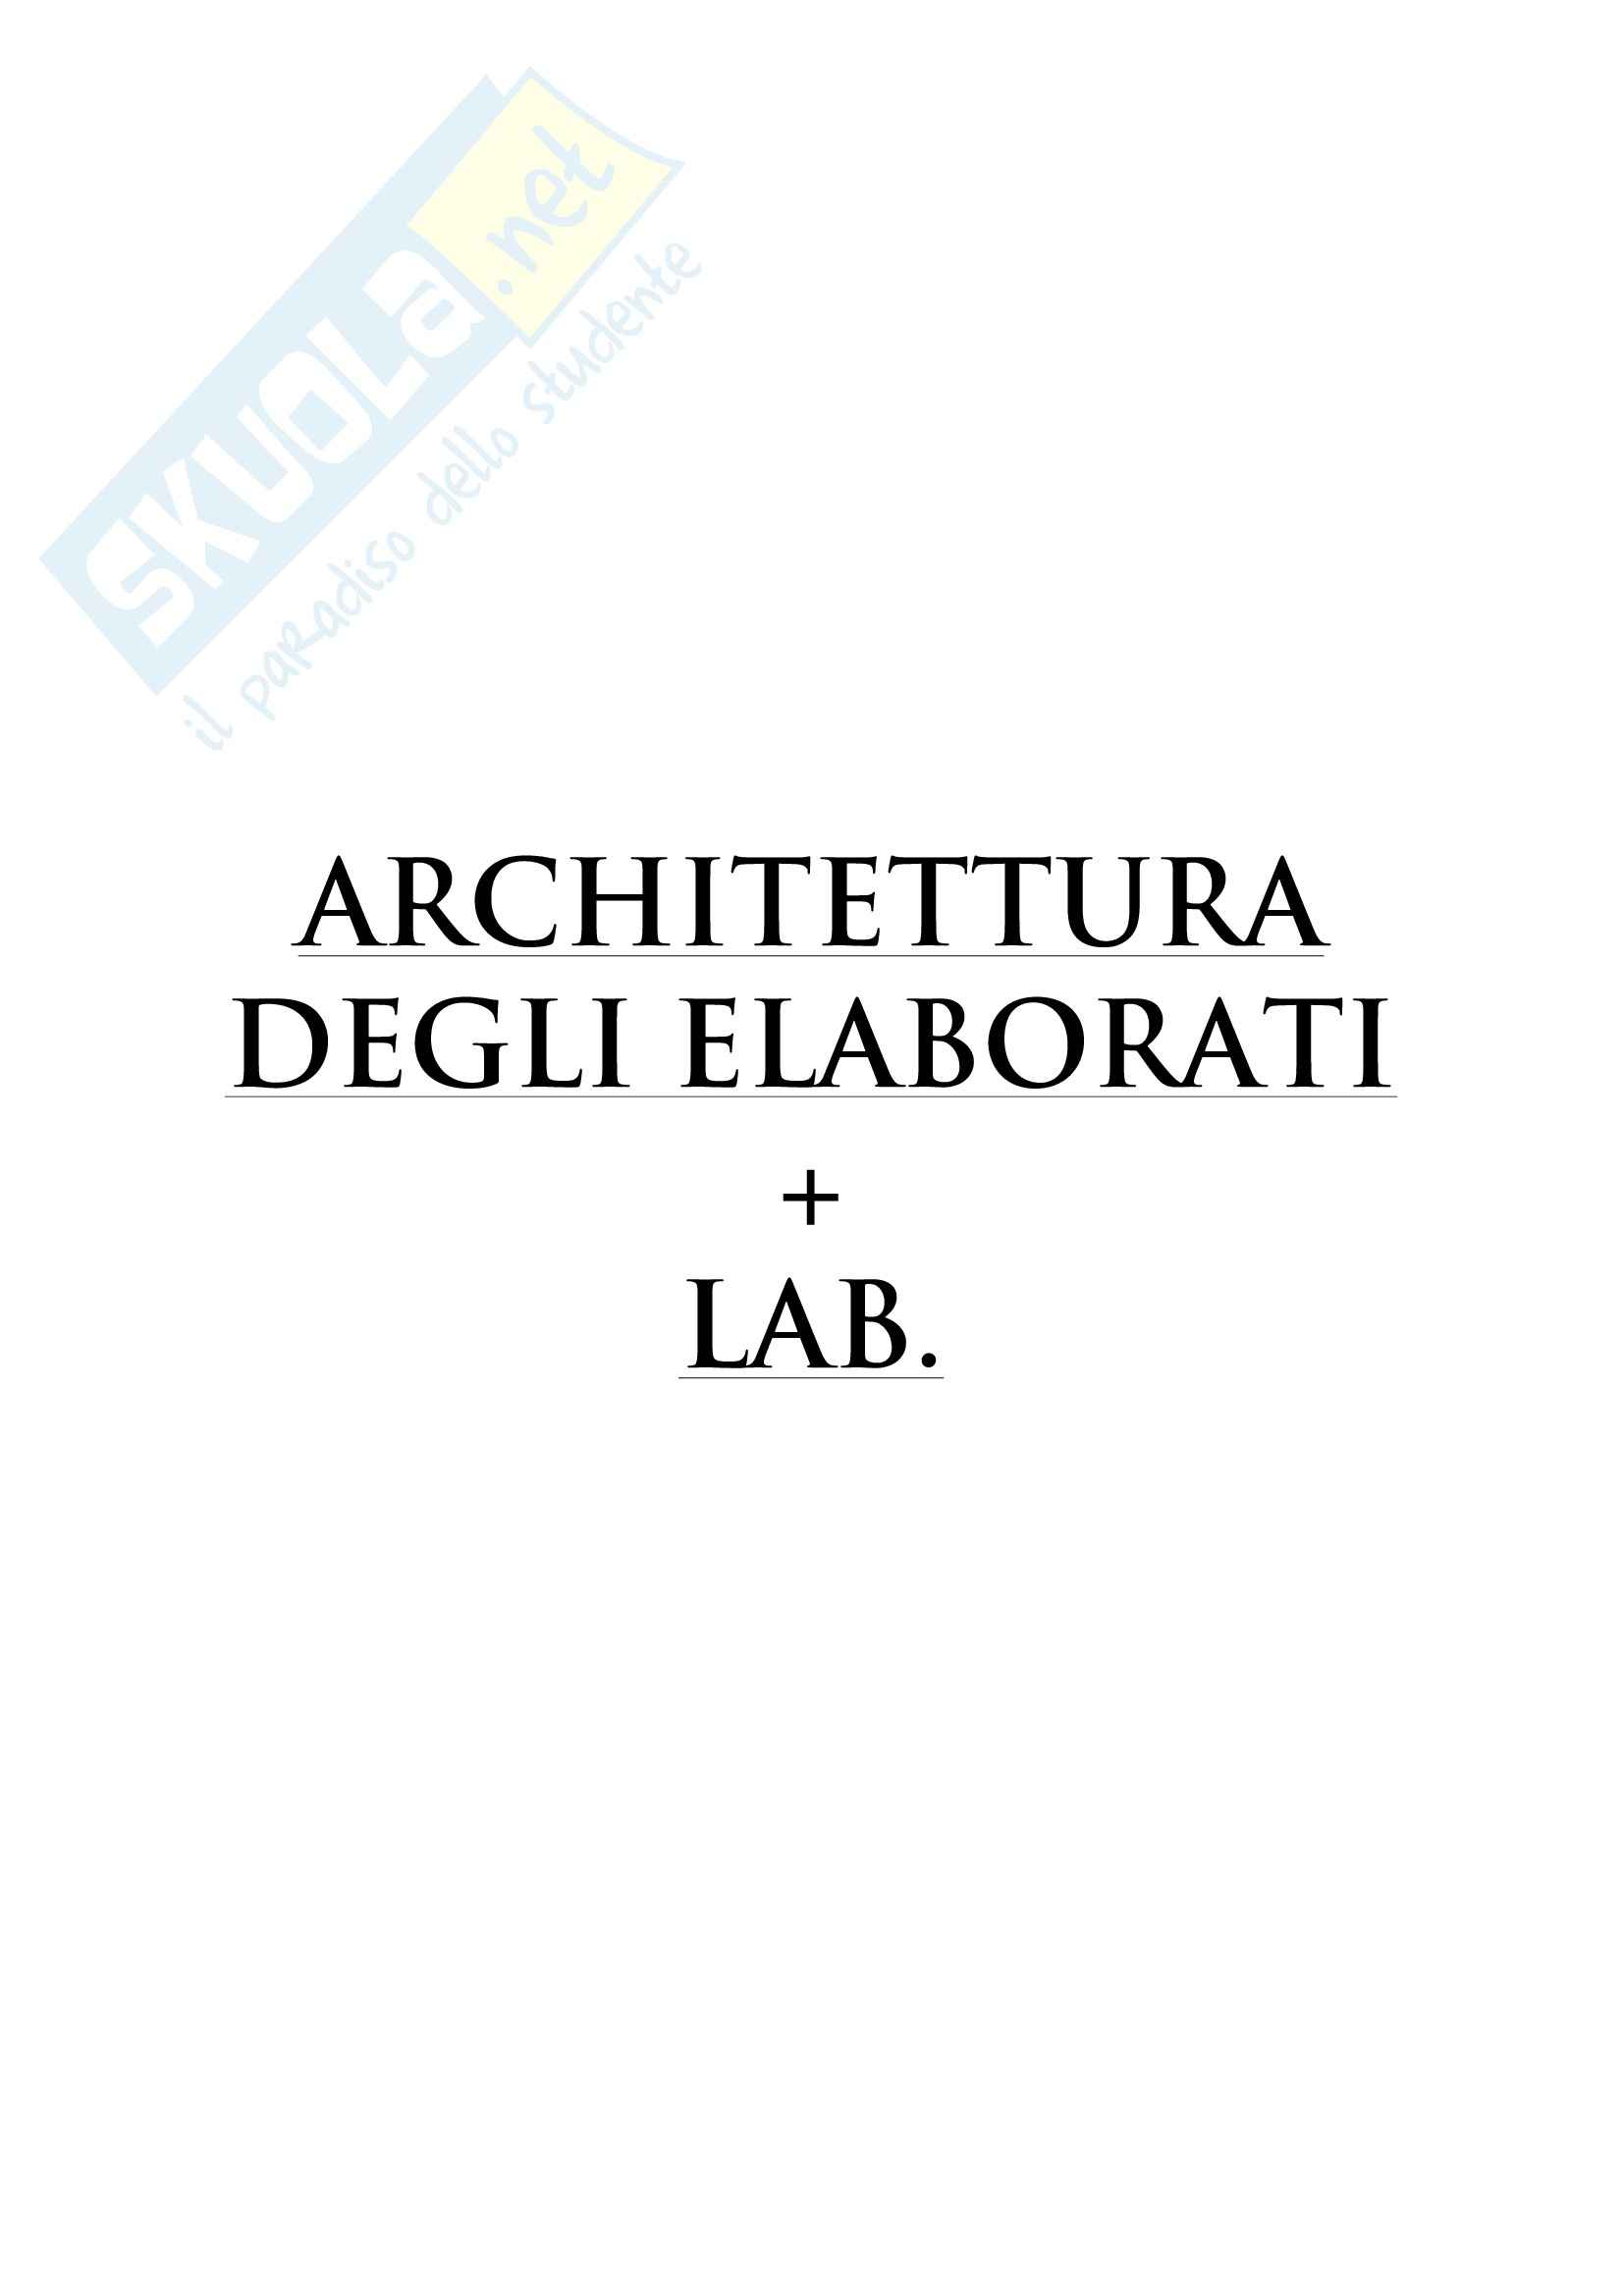 appunto M. Torsello Architettura degli elaborati